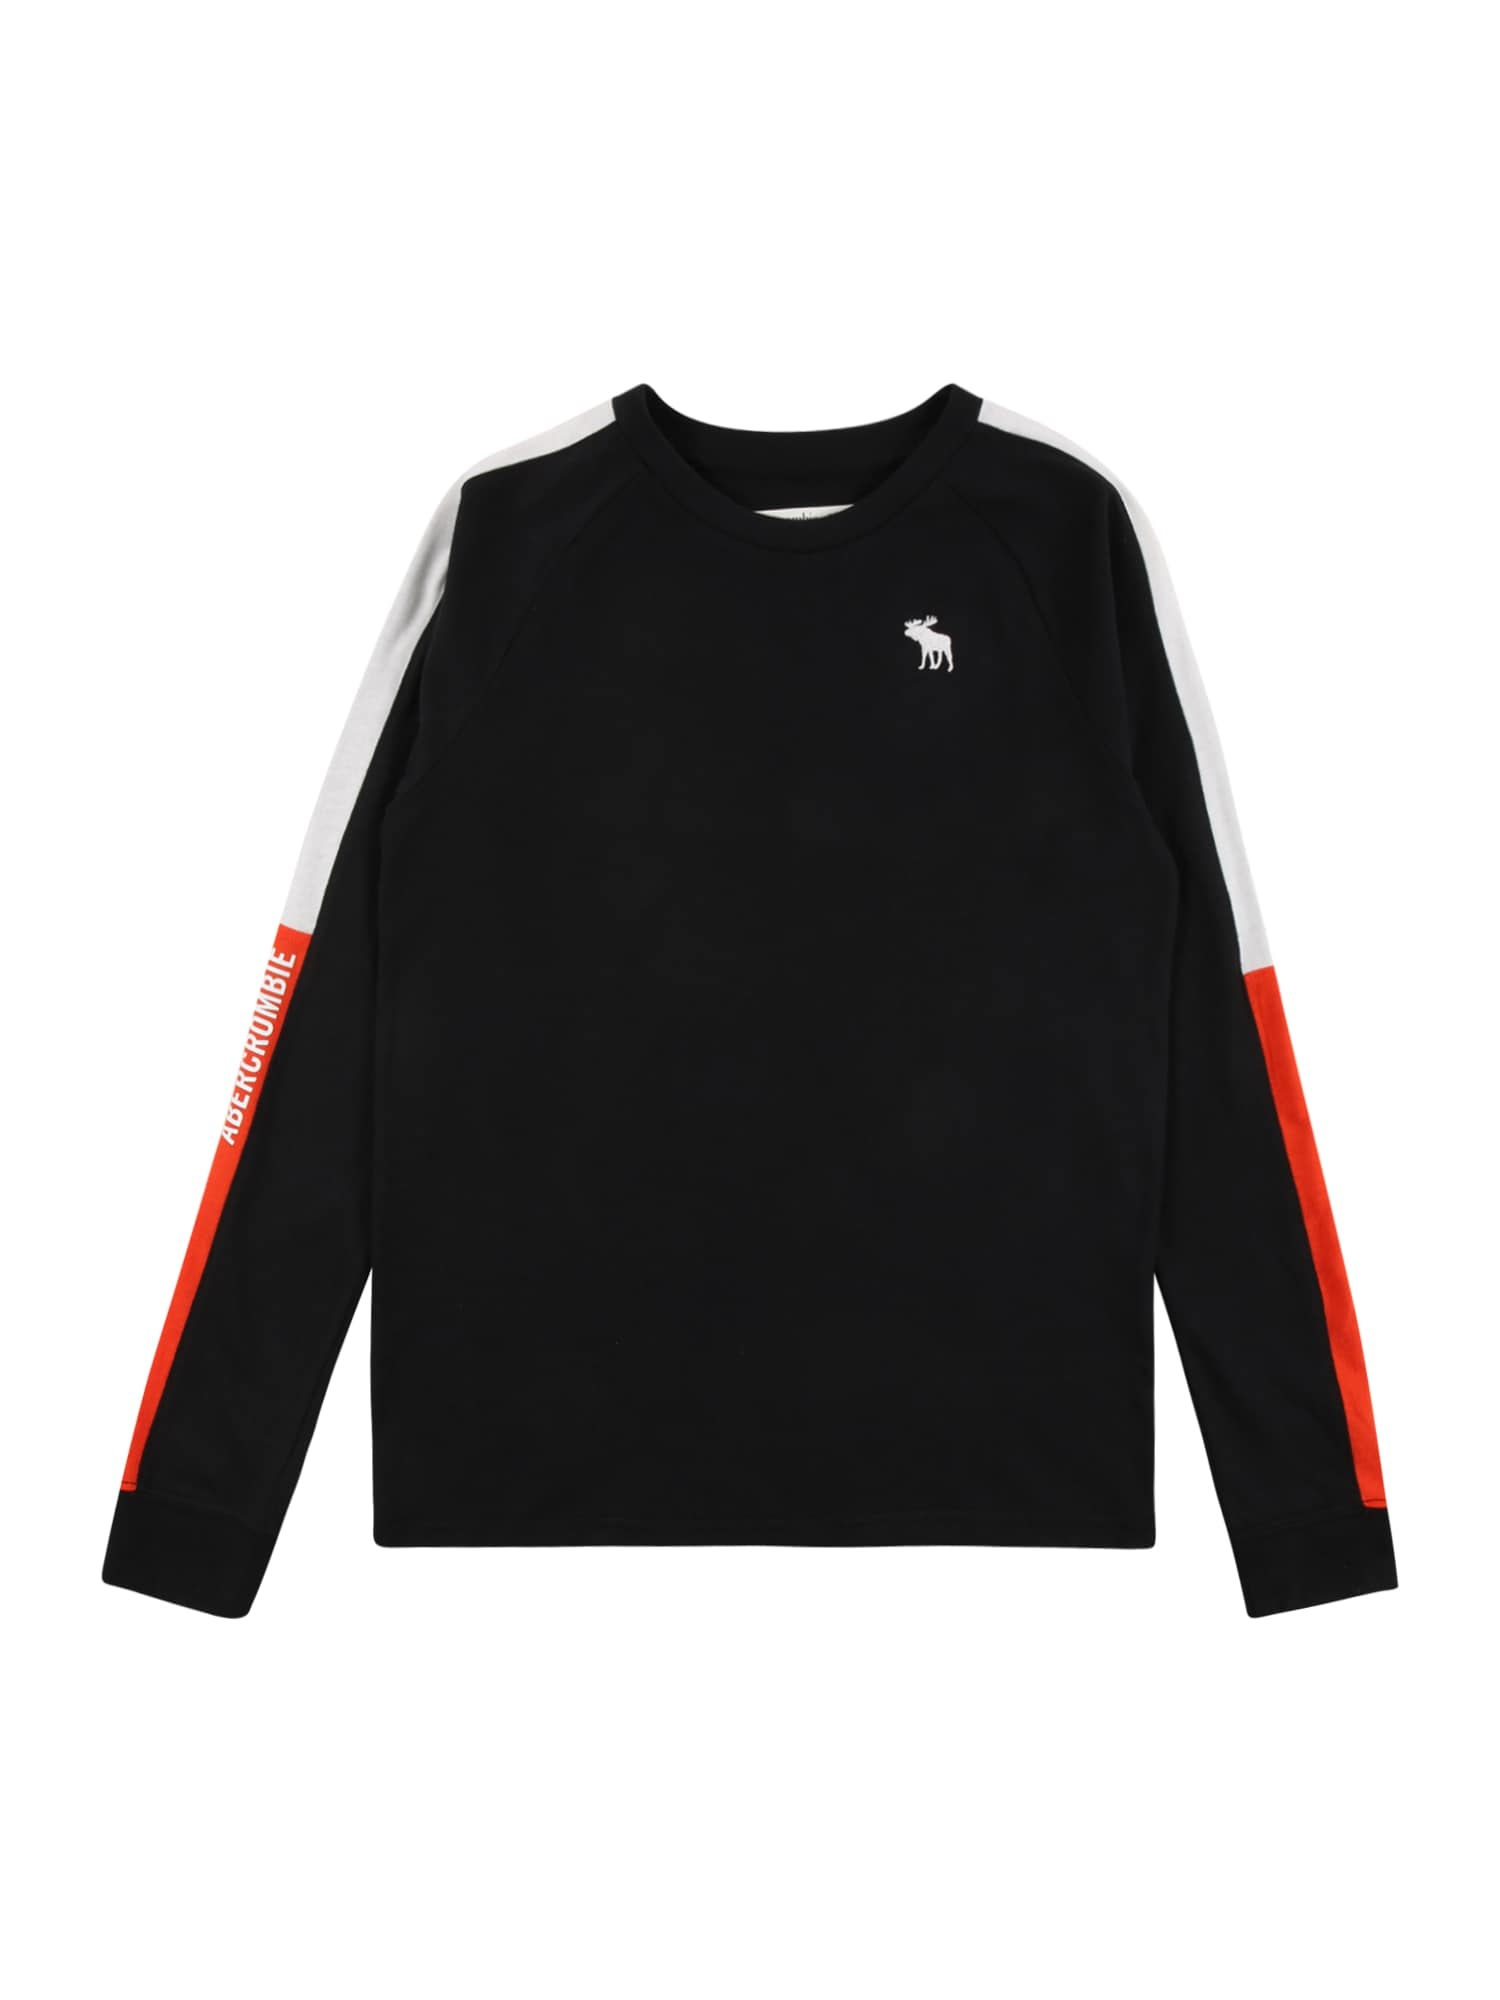 Abercrombie & Fitch Marškinėliai juoda / balta / oranžinė